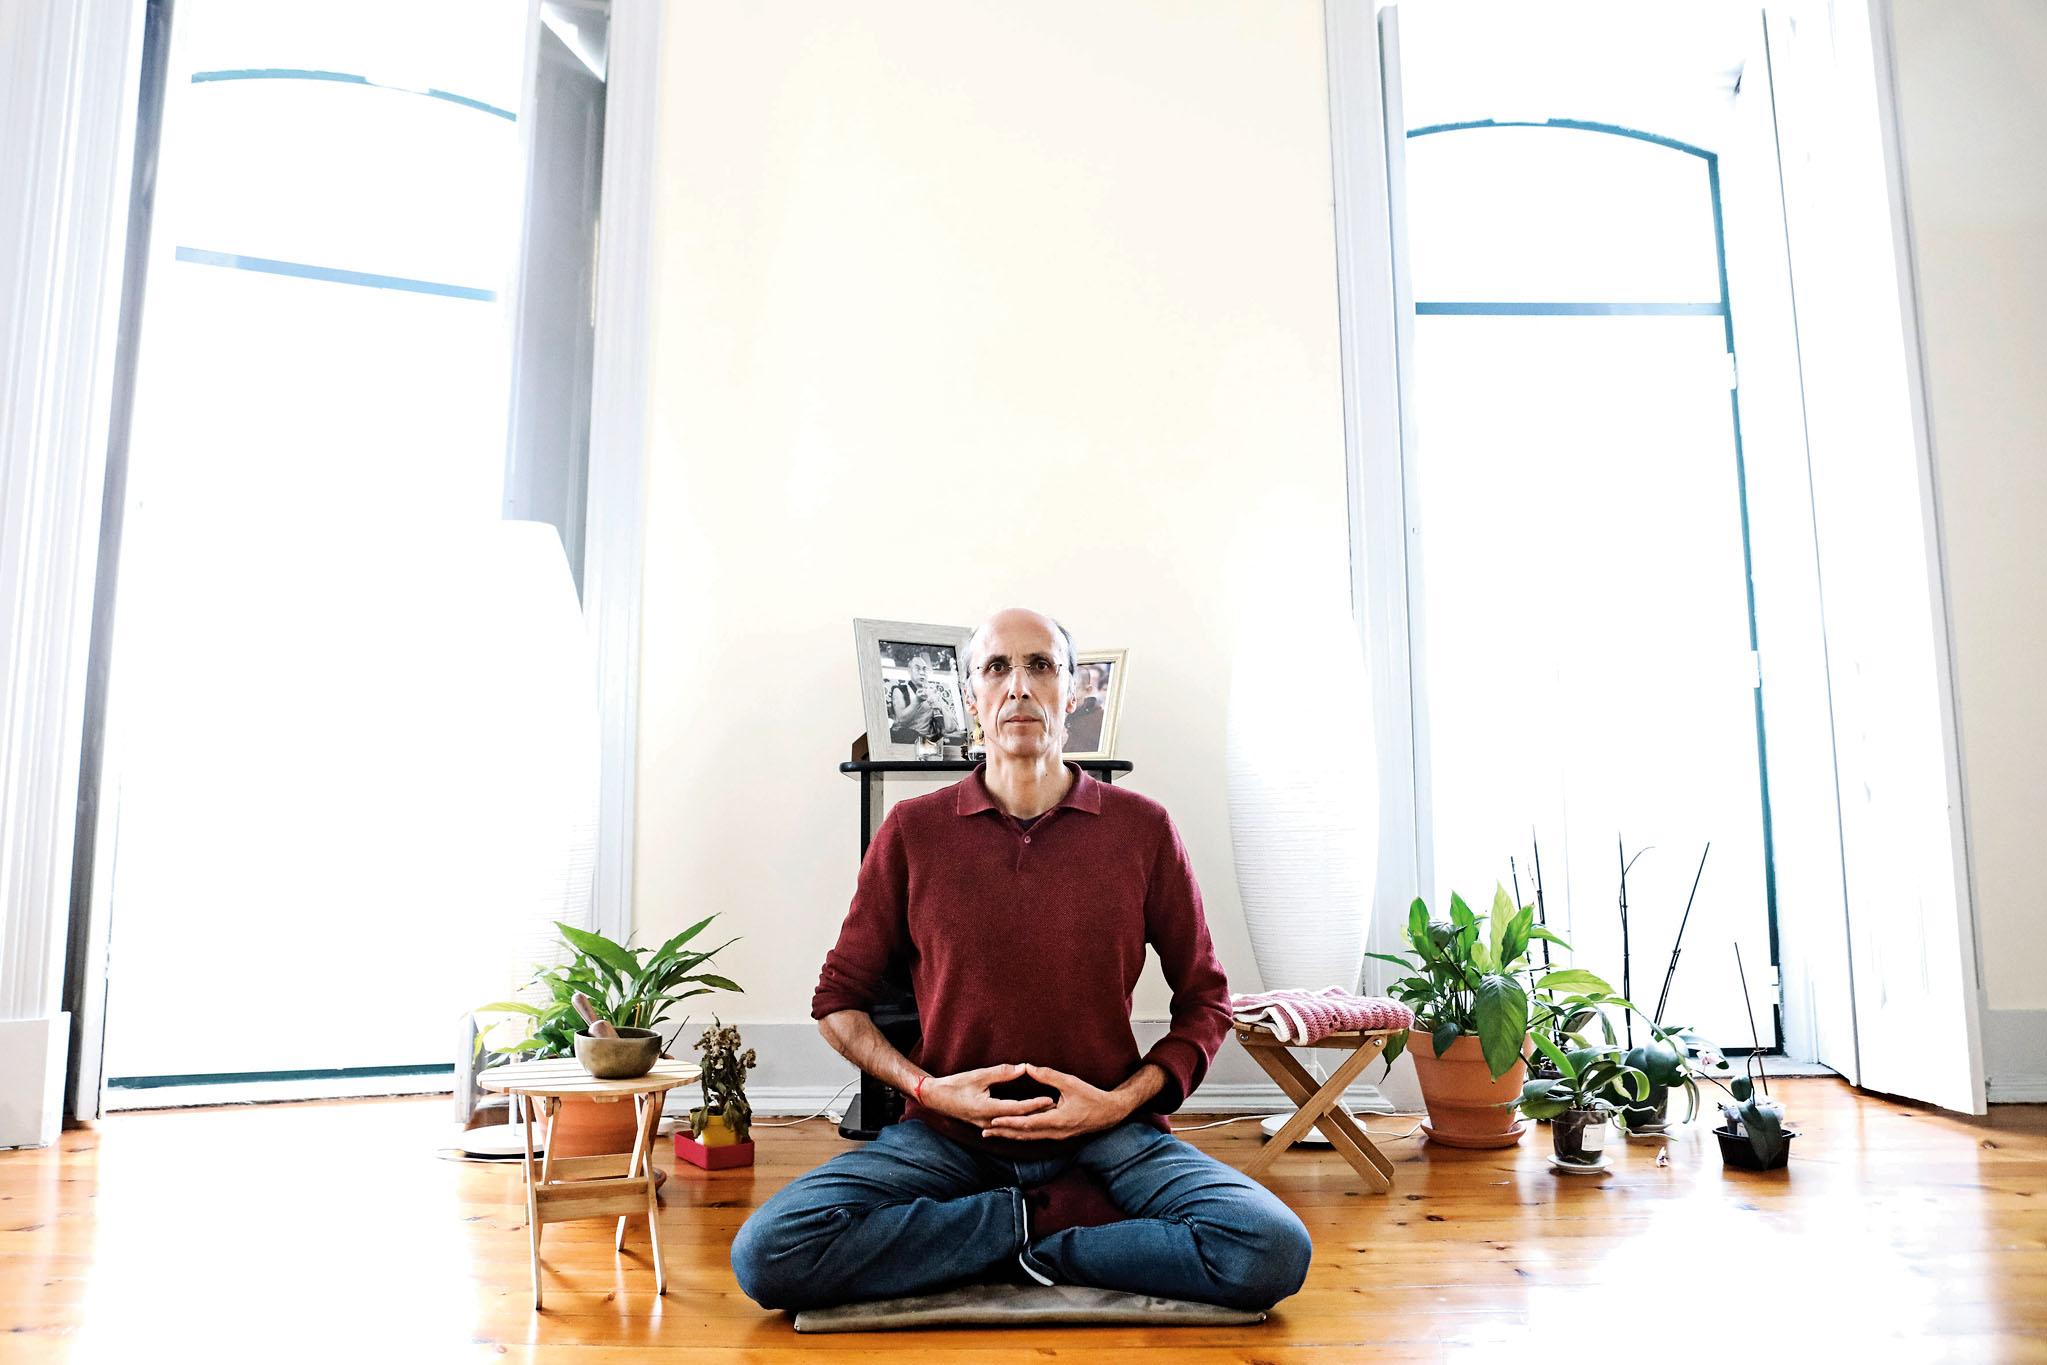 PÚBLICO - A moda da <i>mindfulness</i> deixa-a numa encruzilhada